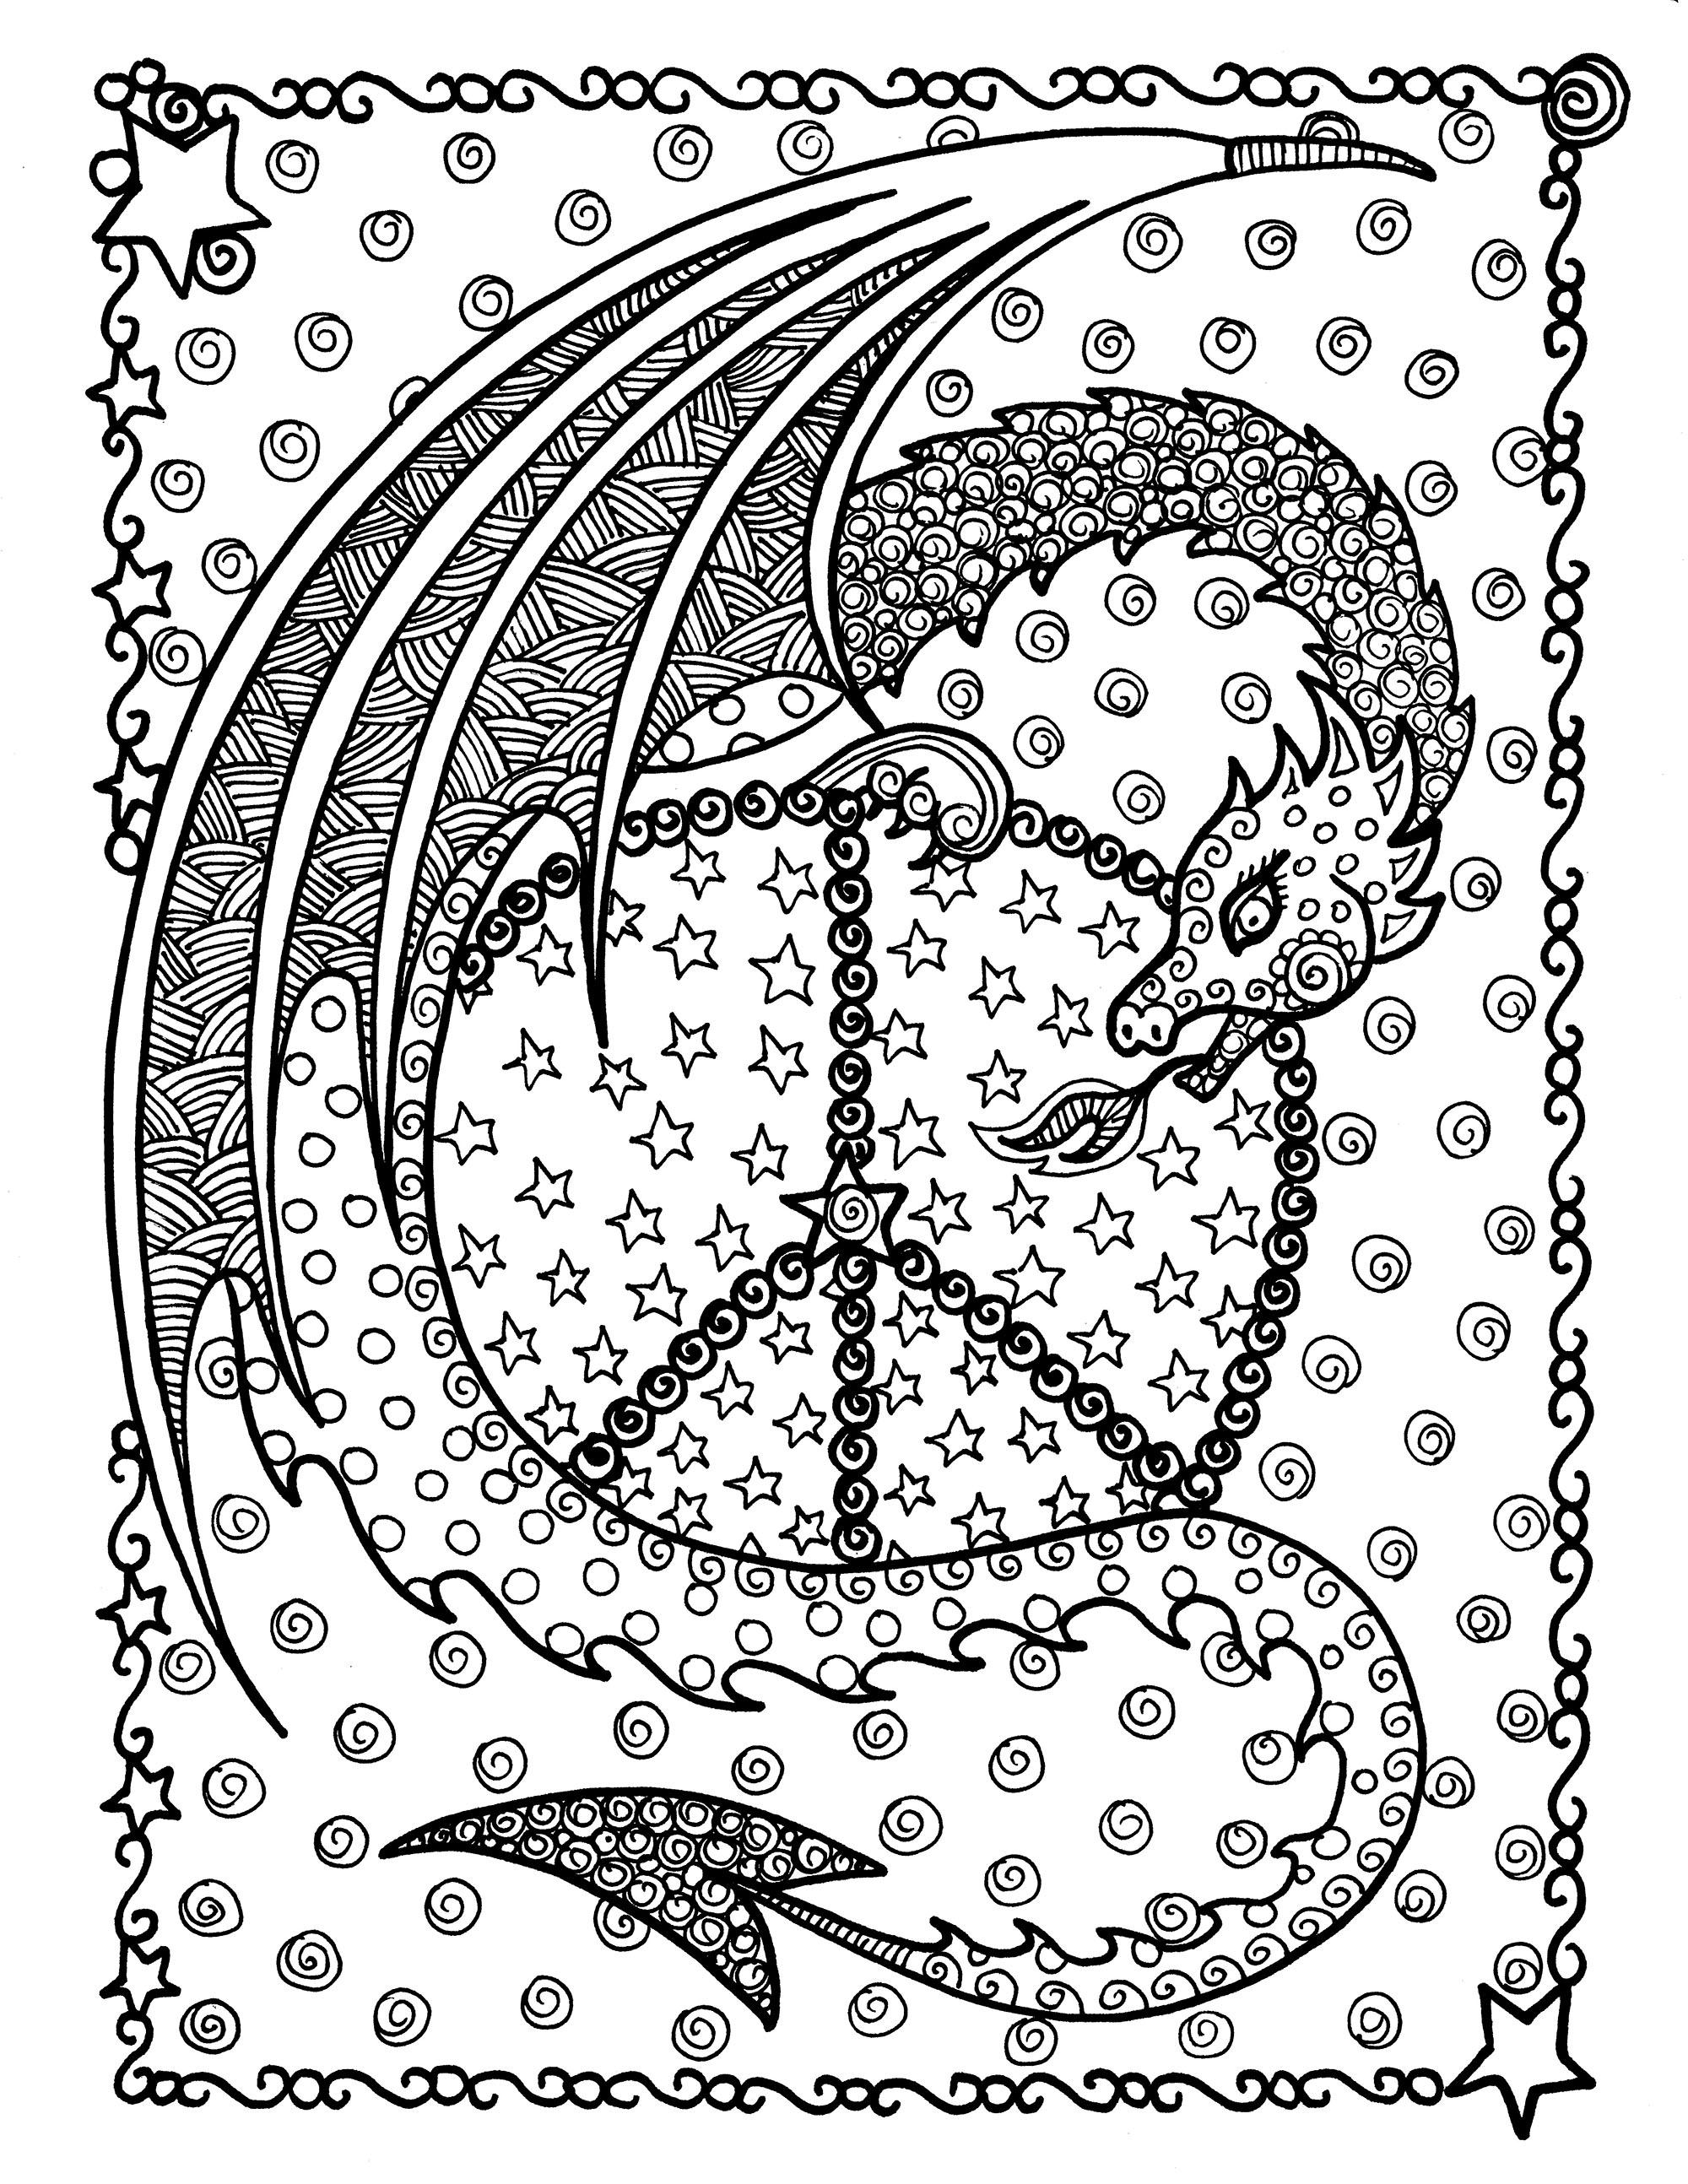 Colorear para adultos : Dragones - 6